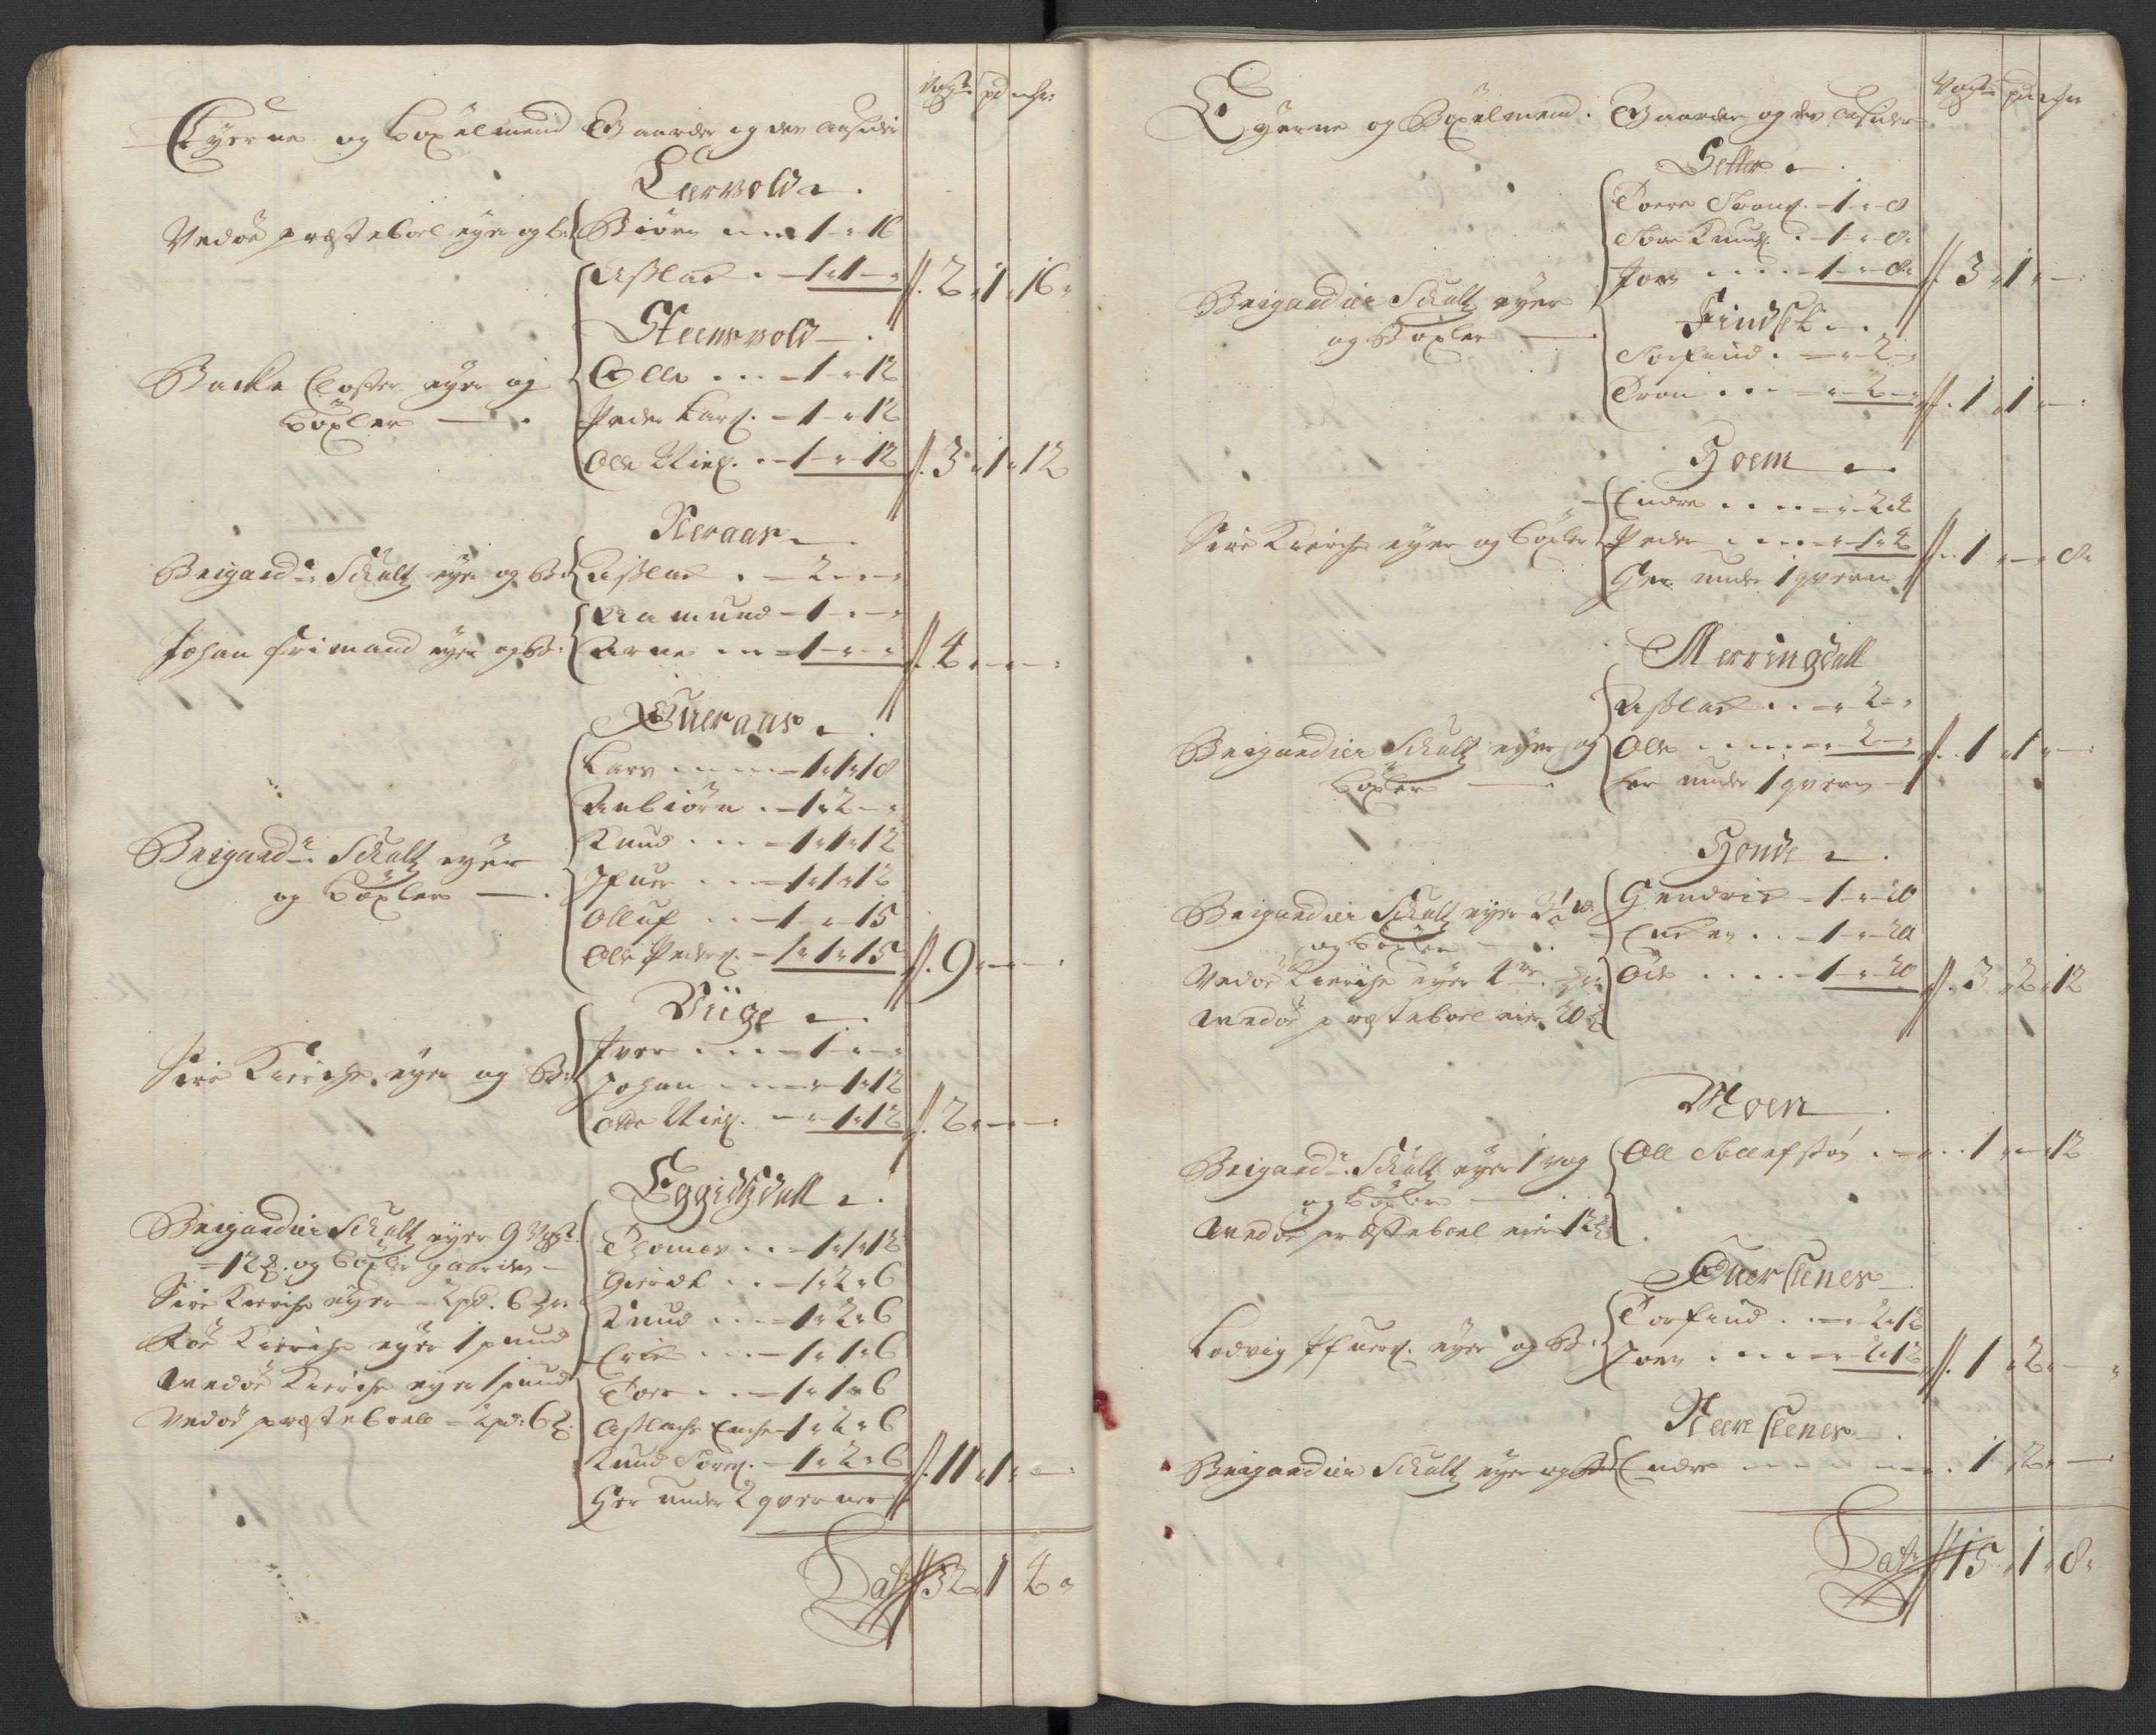 RA, Rentekammeret inntil 1814, Reviderte regnskaper, Fogderegnskap, R55/L3656: Fogderegnskap Romsdal, 1703-1705, s. 377